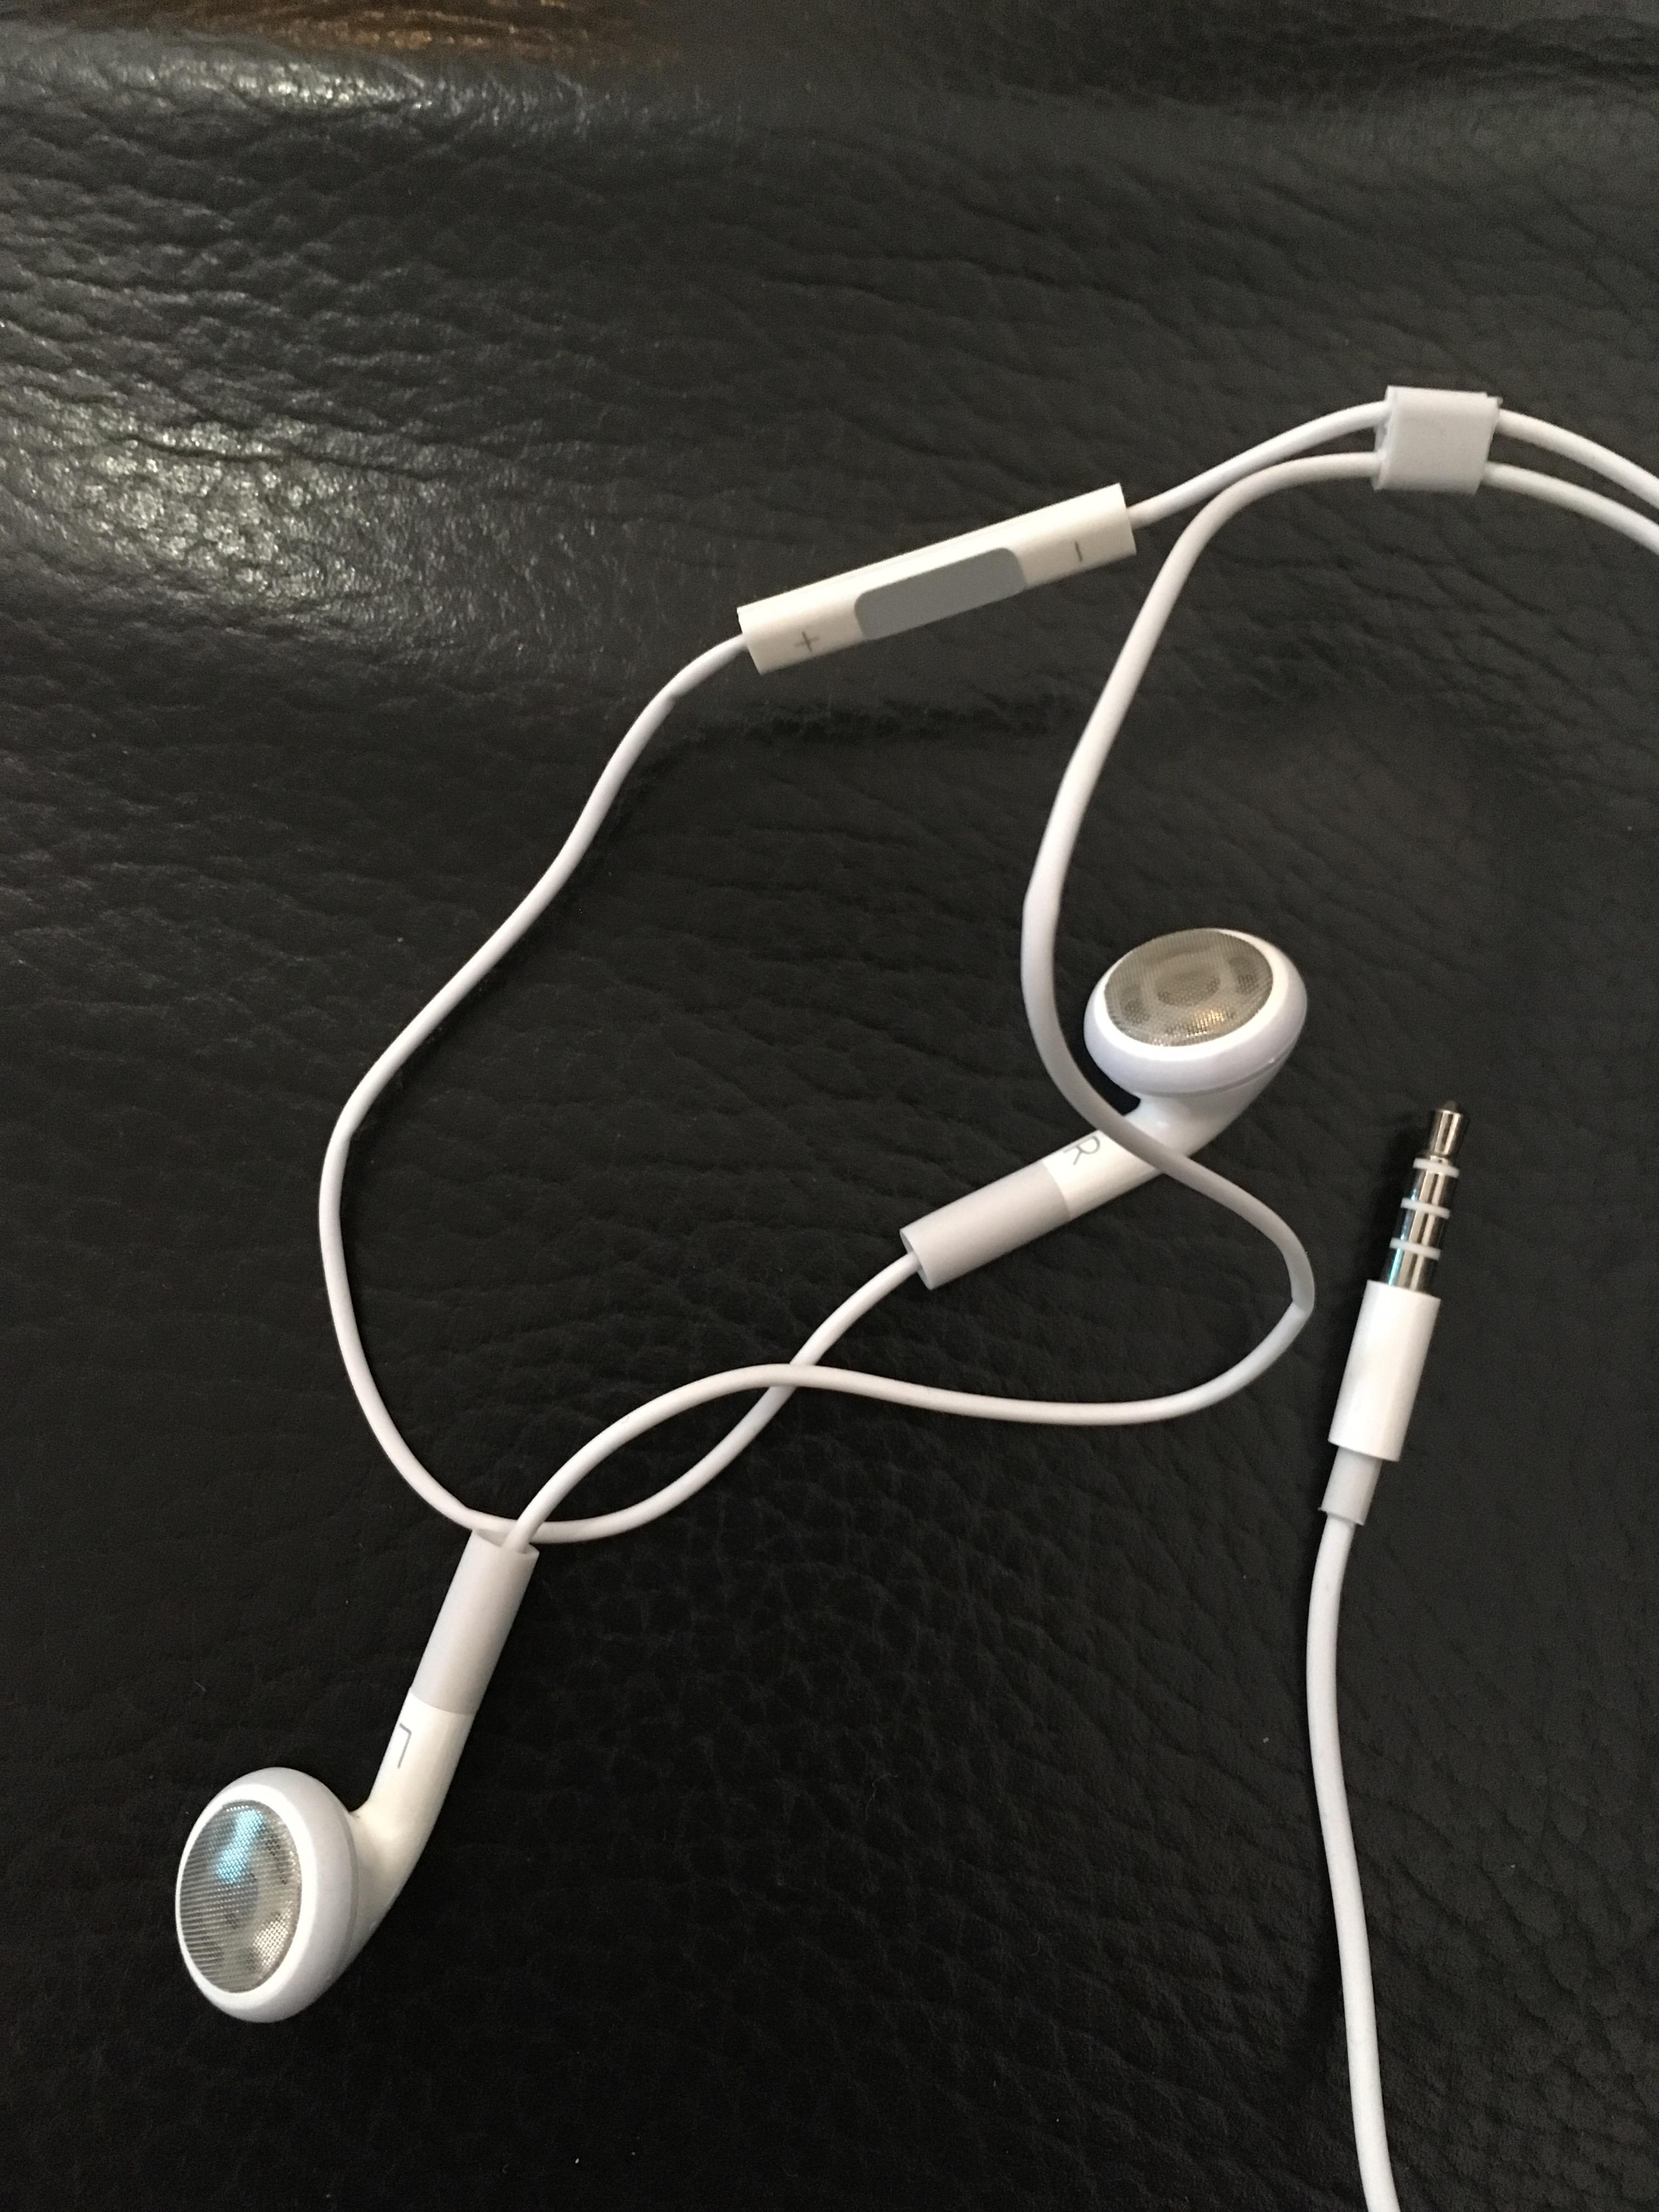 troc de troc ecouteurs iphone image 1